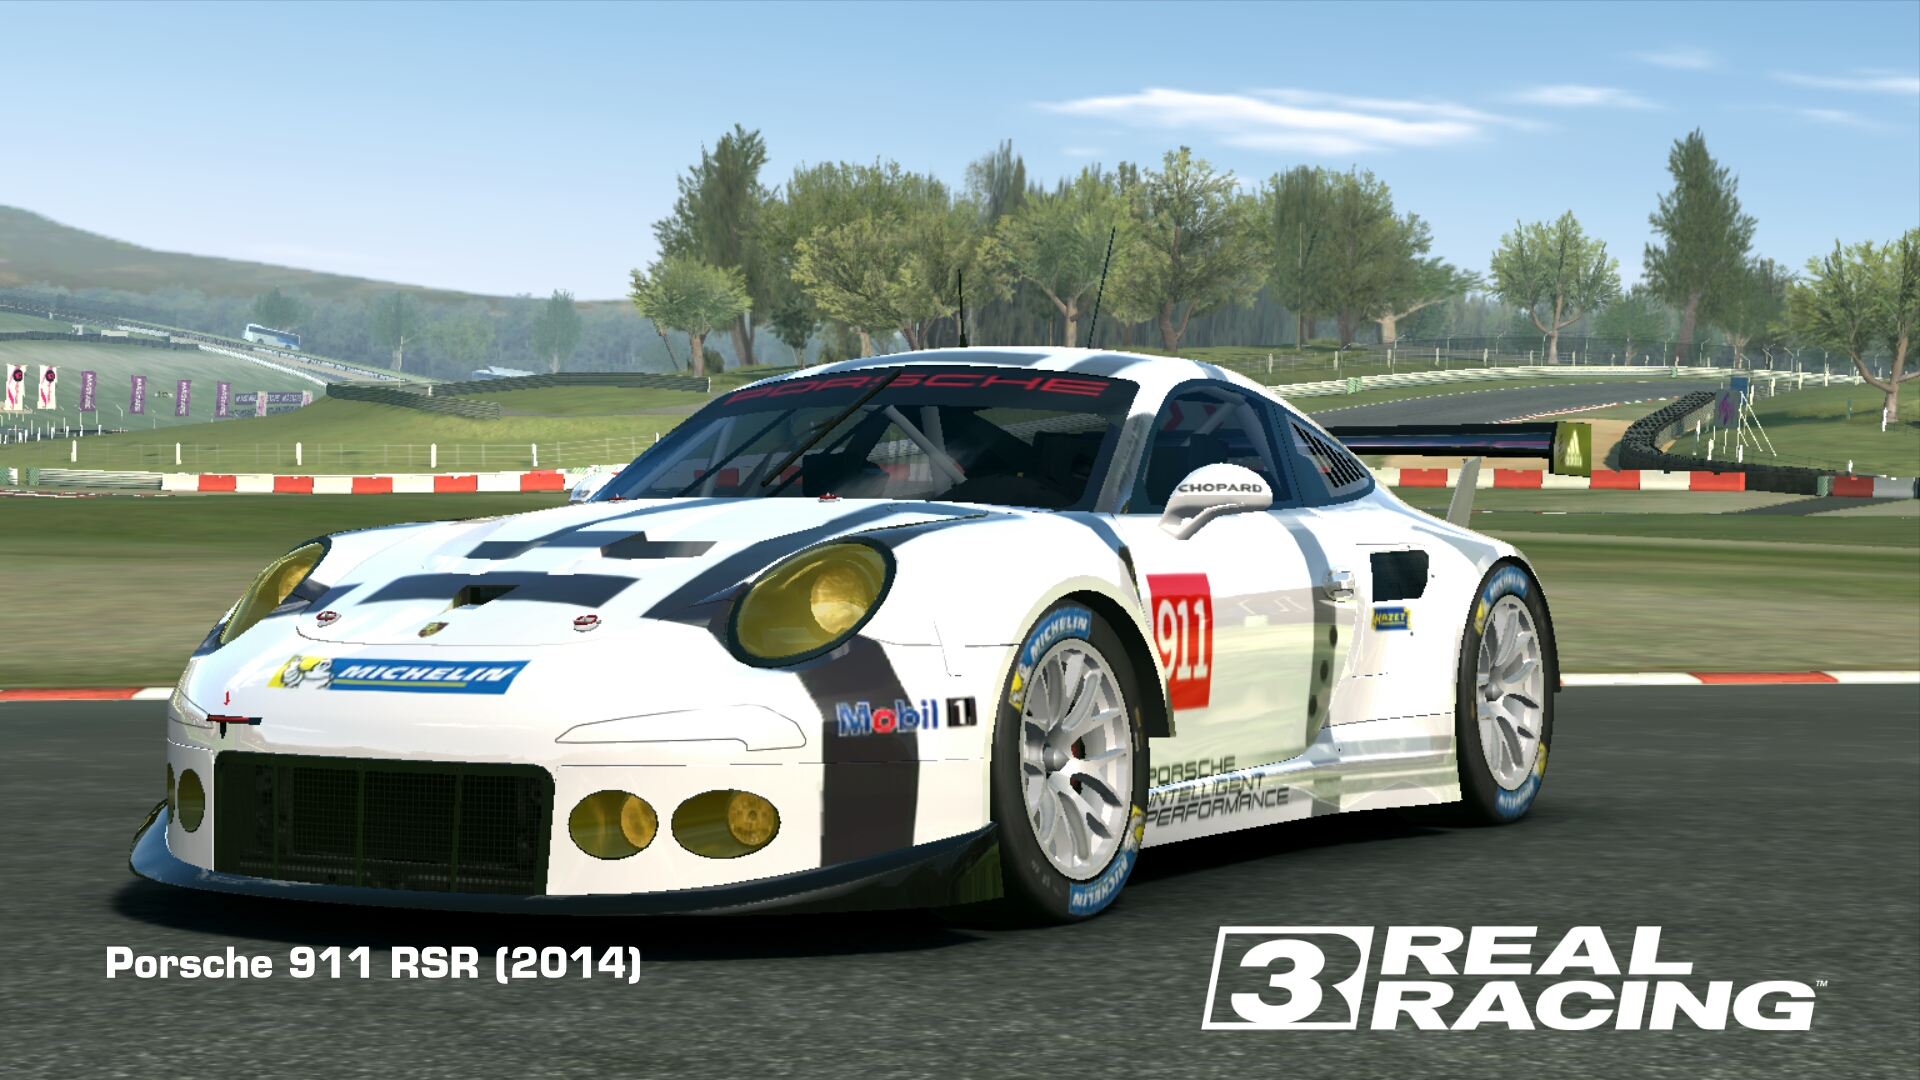 Showcase Porsche 911 RSR (2014)